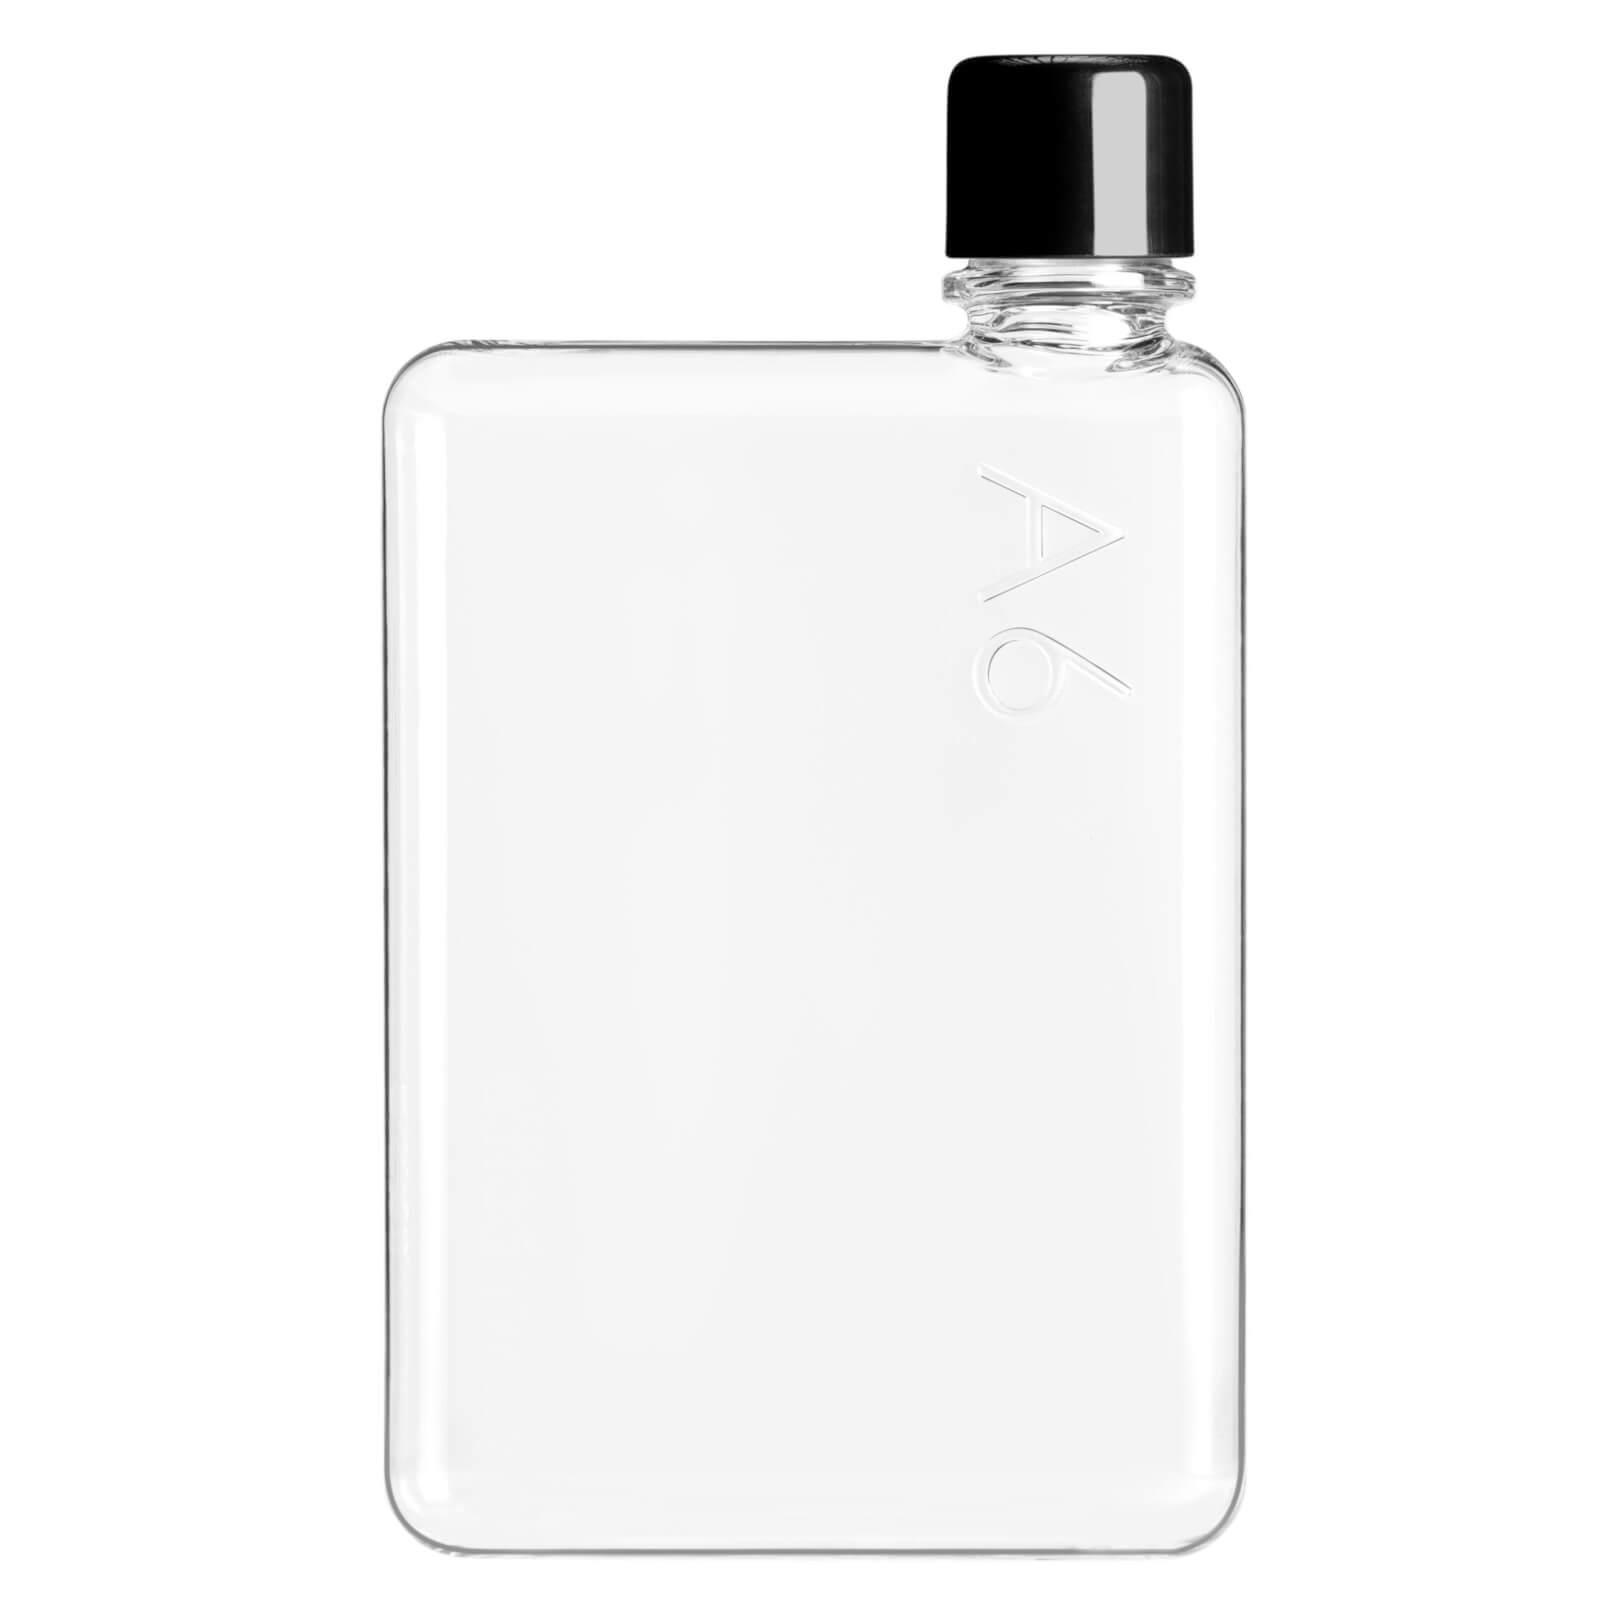 Memobottle A6 Water Bottle